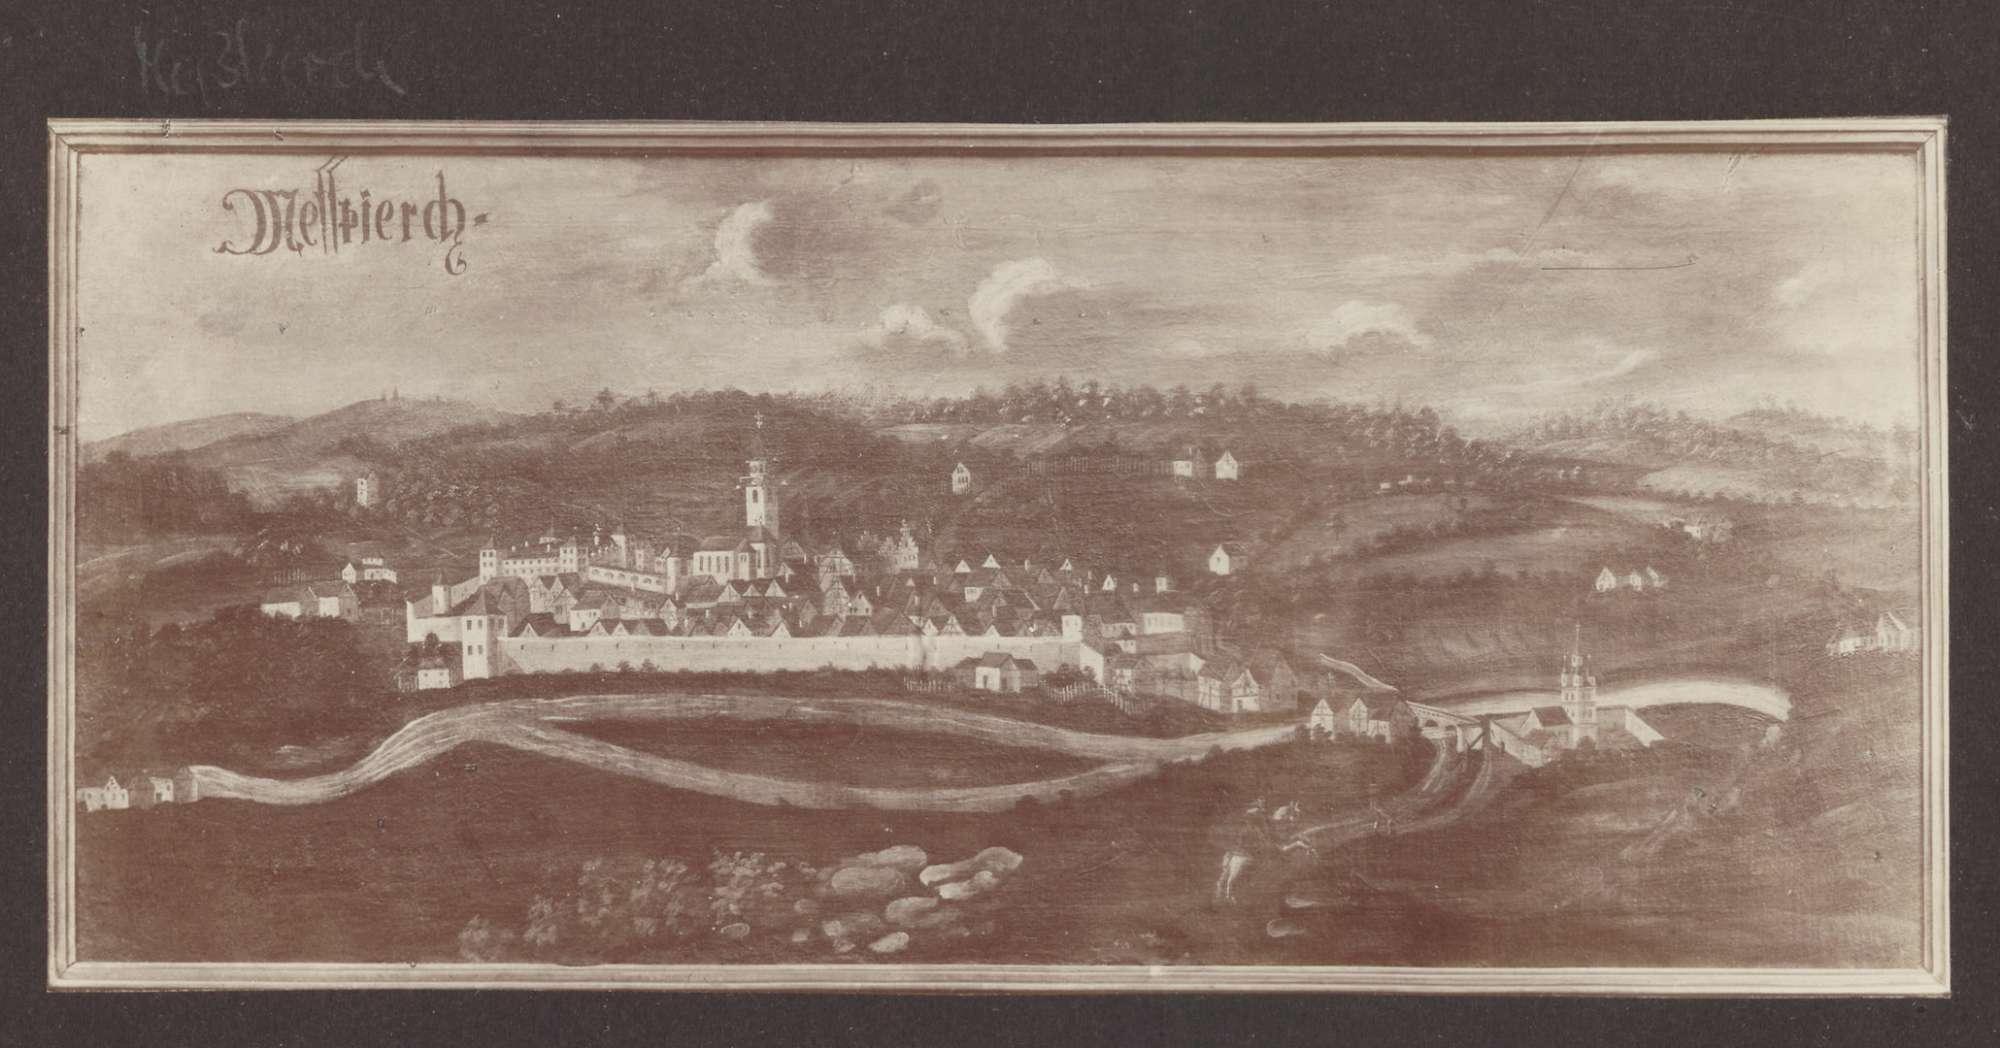 Messkierch [Meßkirch], Bild 1